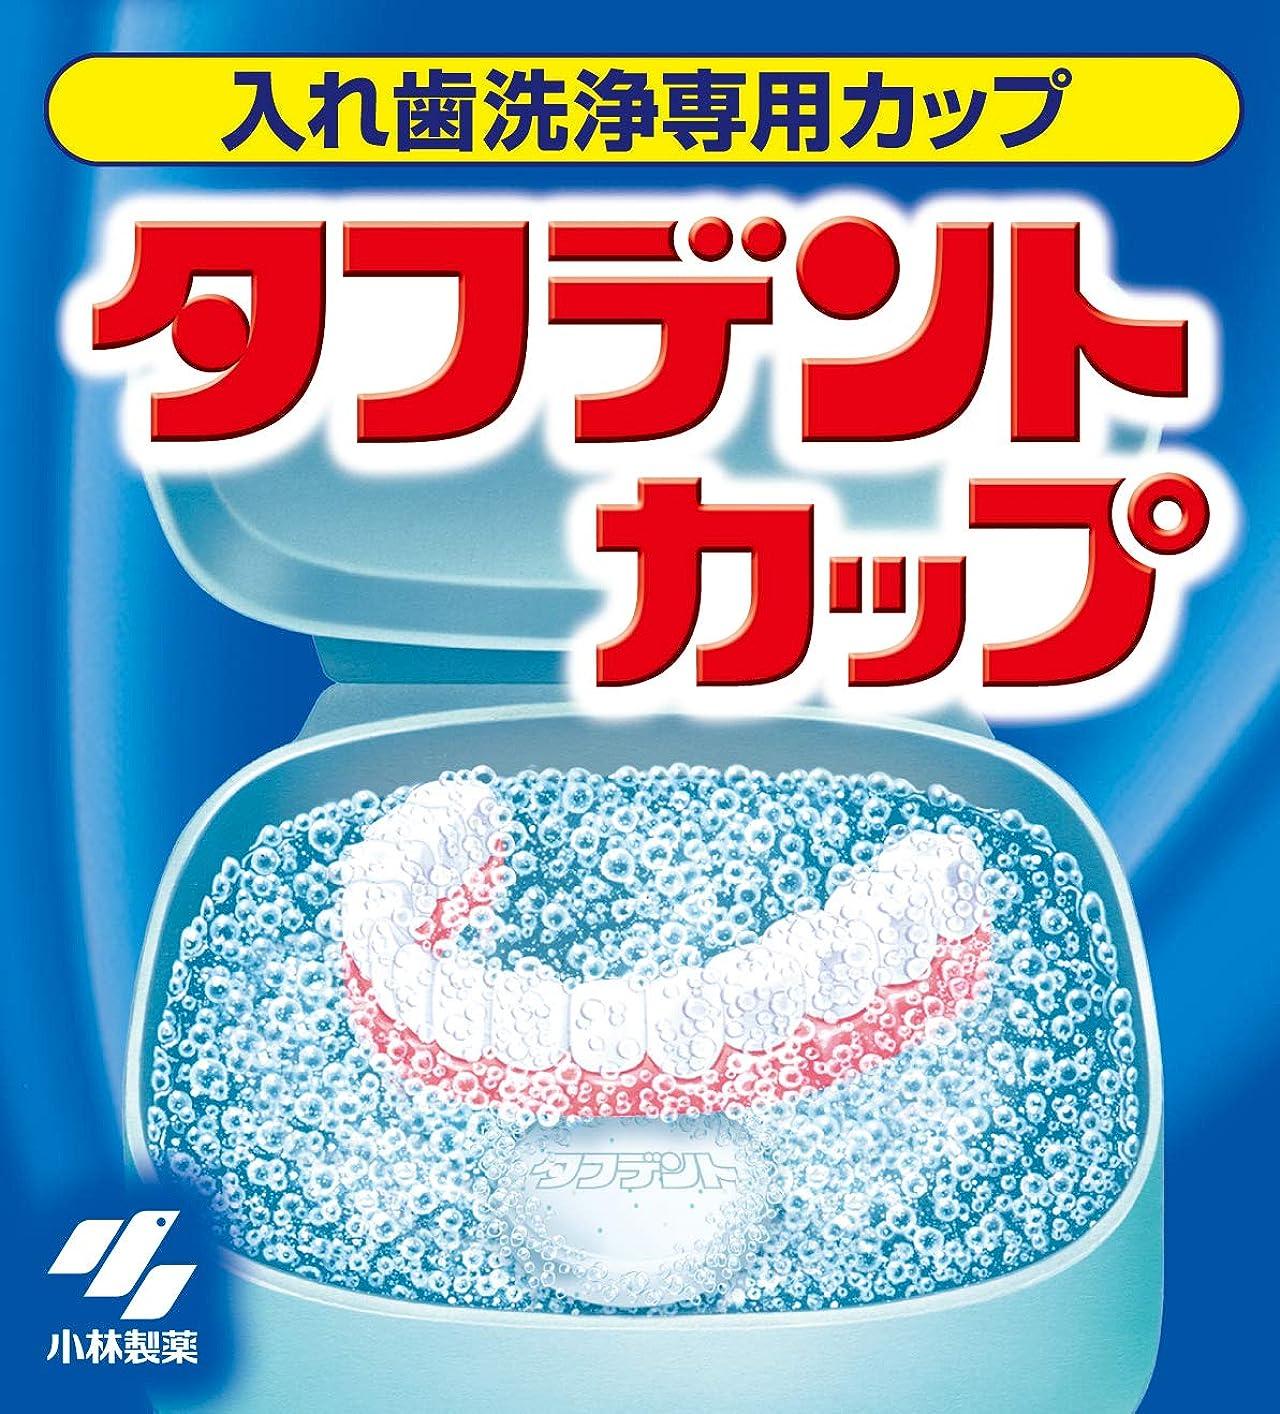 ふさわしいズーム備品タフデントカップ 入れ歯洗浄専用カップ